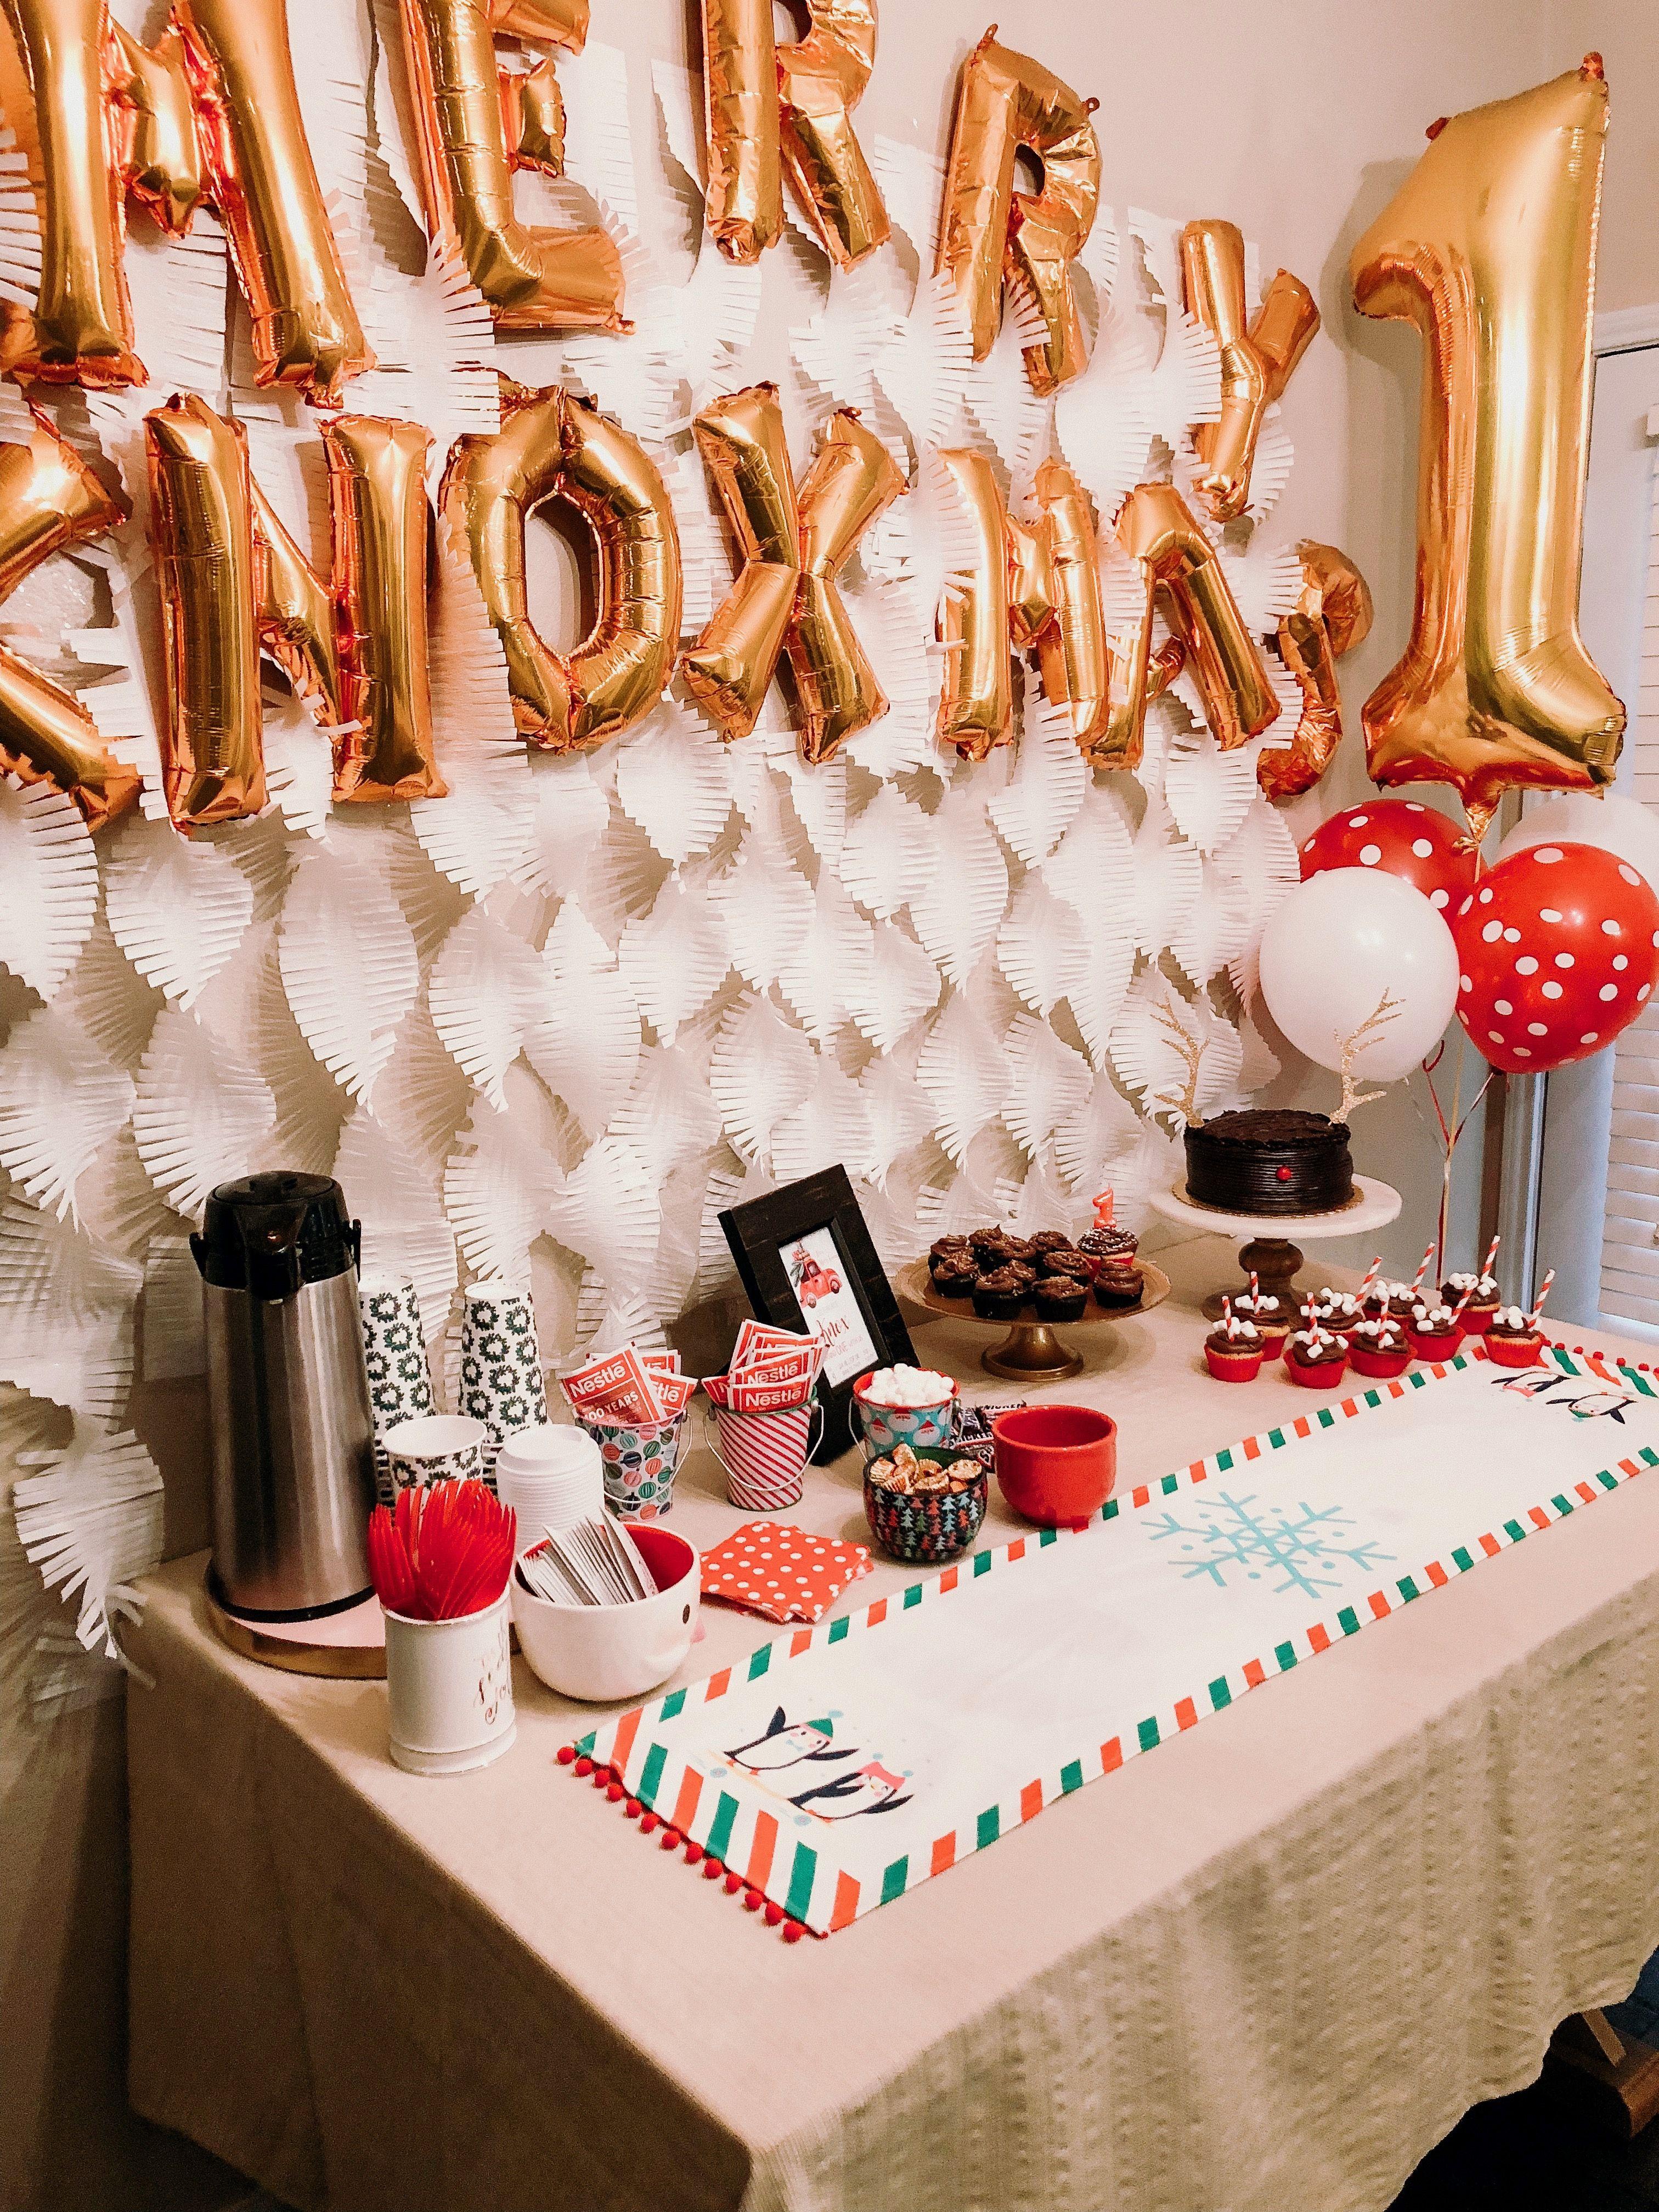 Our Merry Knoxmas Celebration Christmas Birthday Party 1 Year Old Birthday Party Birthday Parties